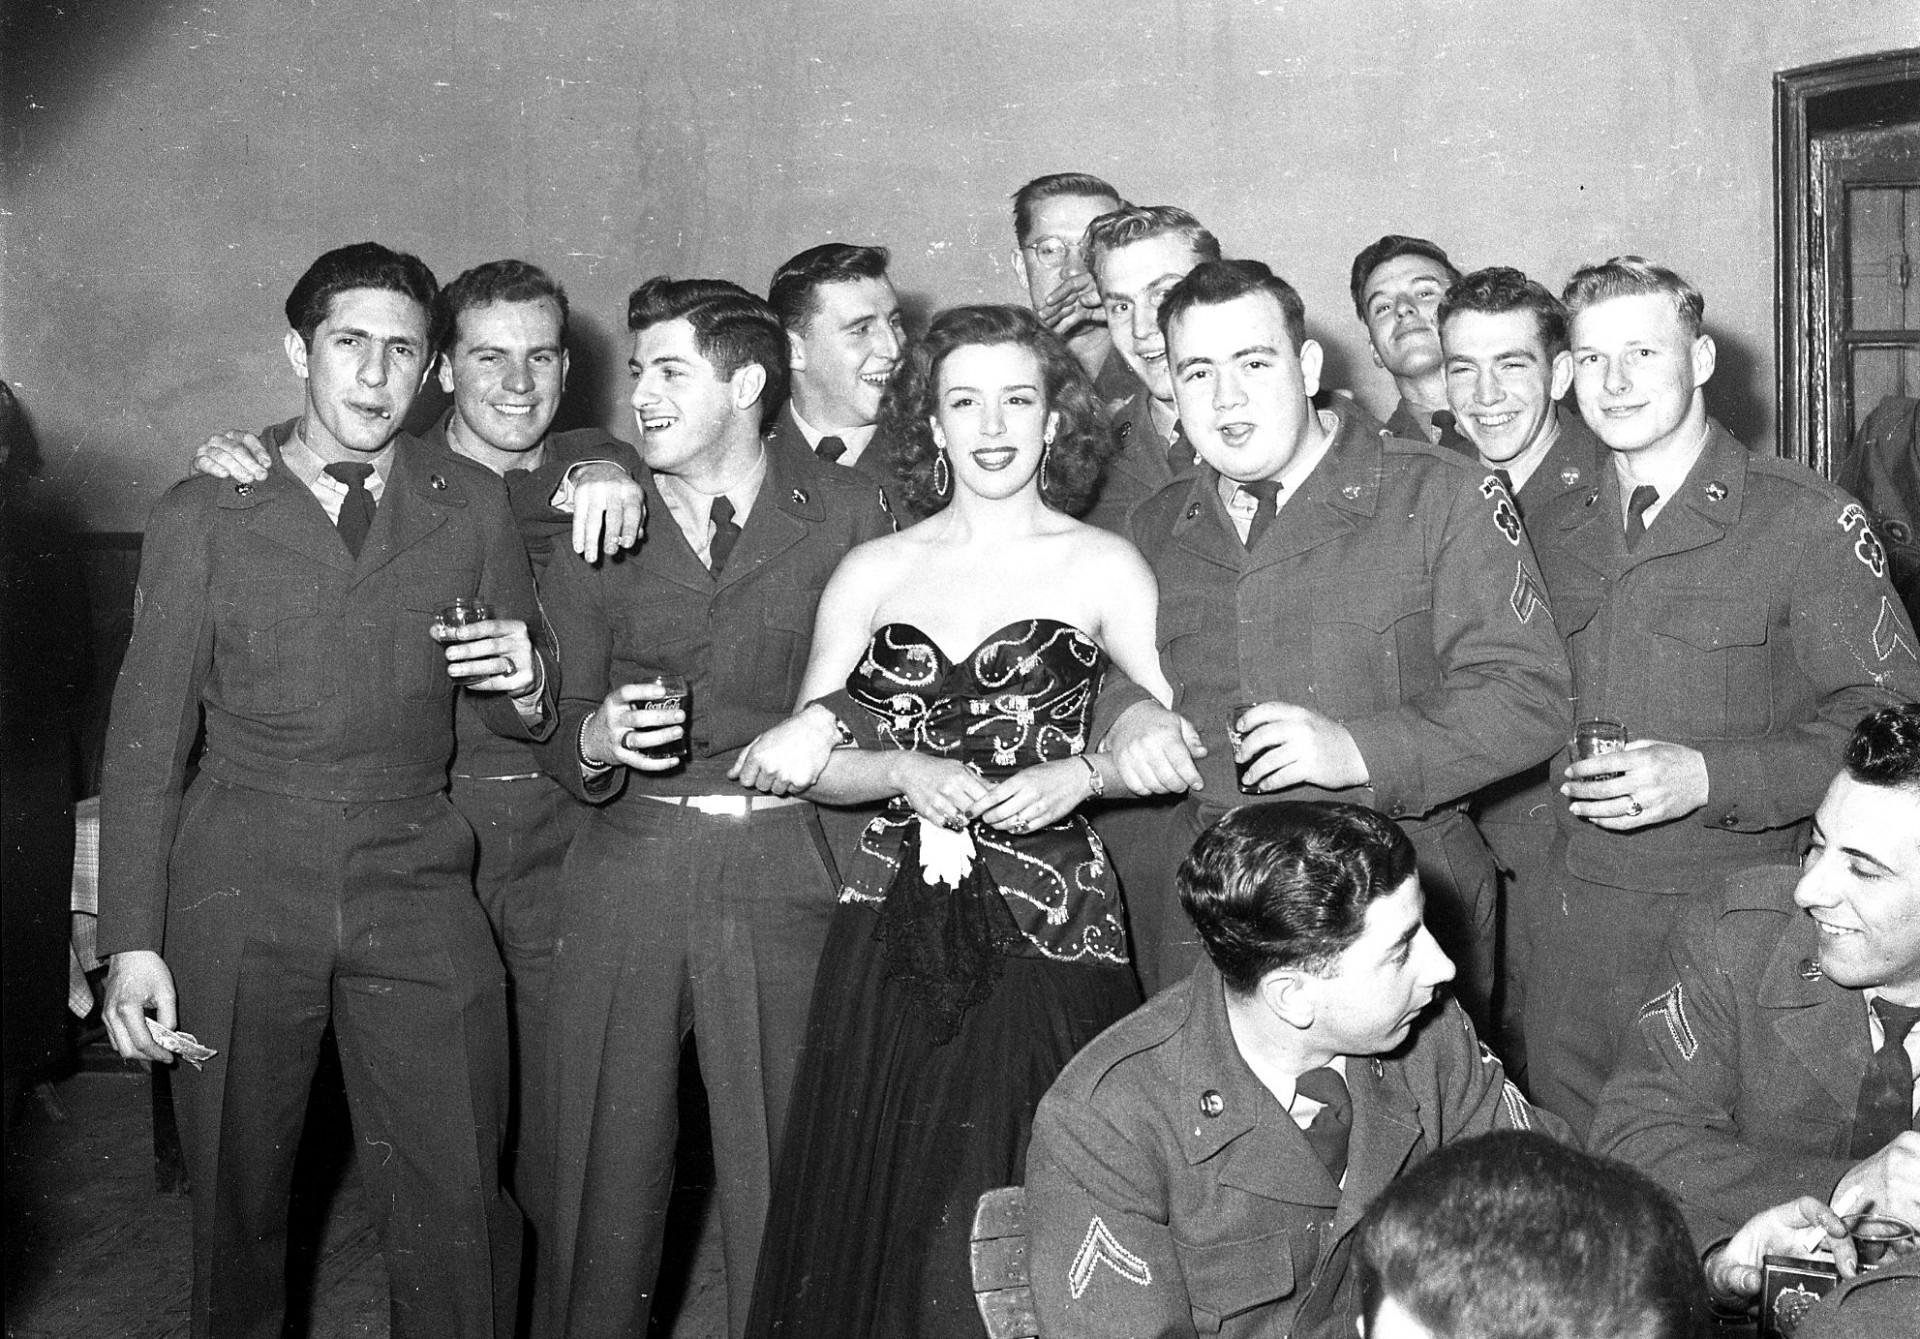 Trieste americana - Al ballo con i soldati